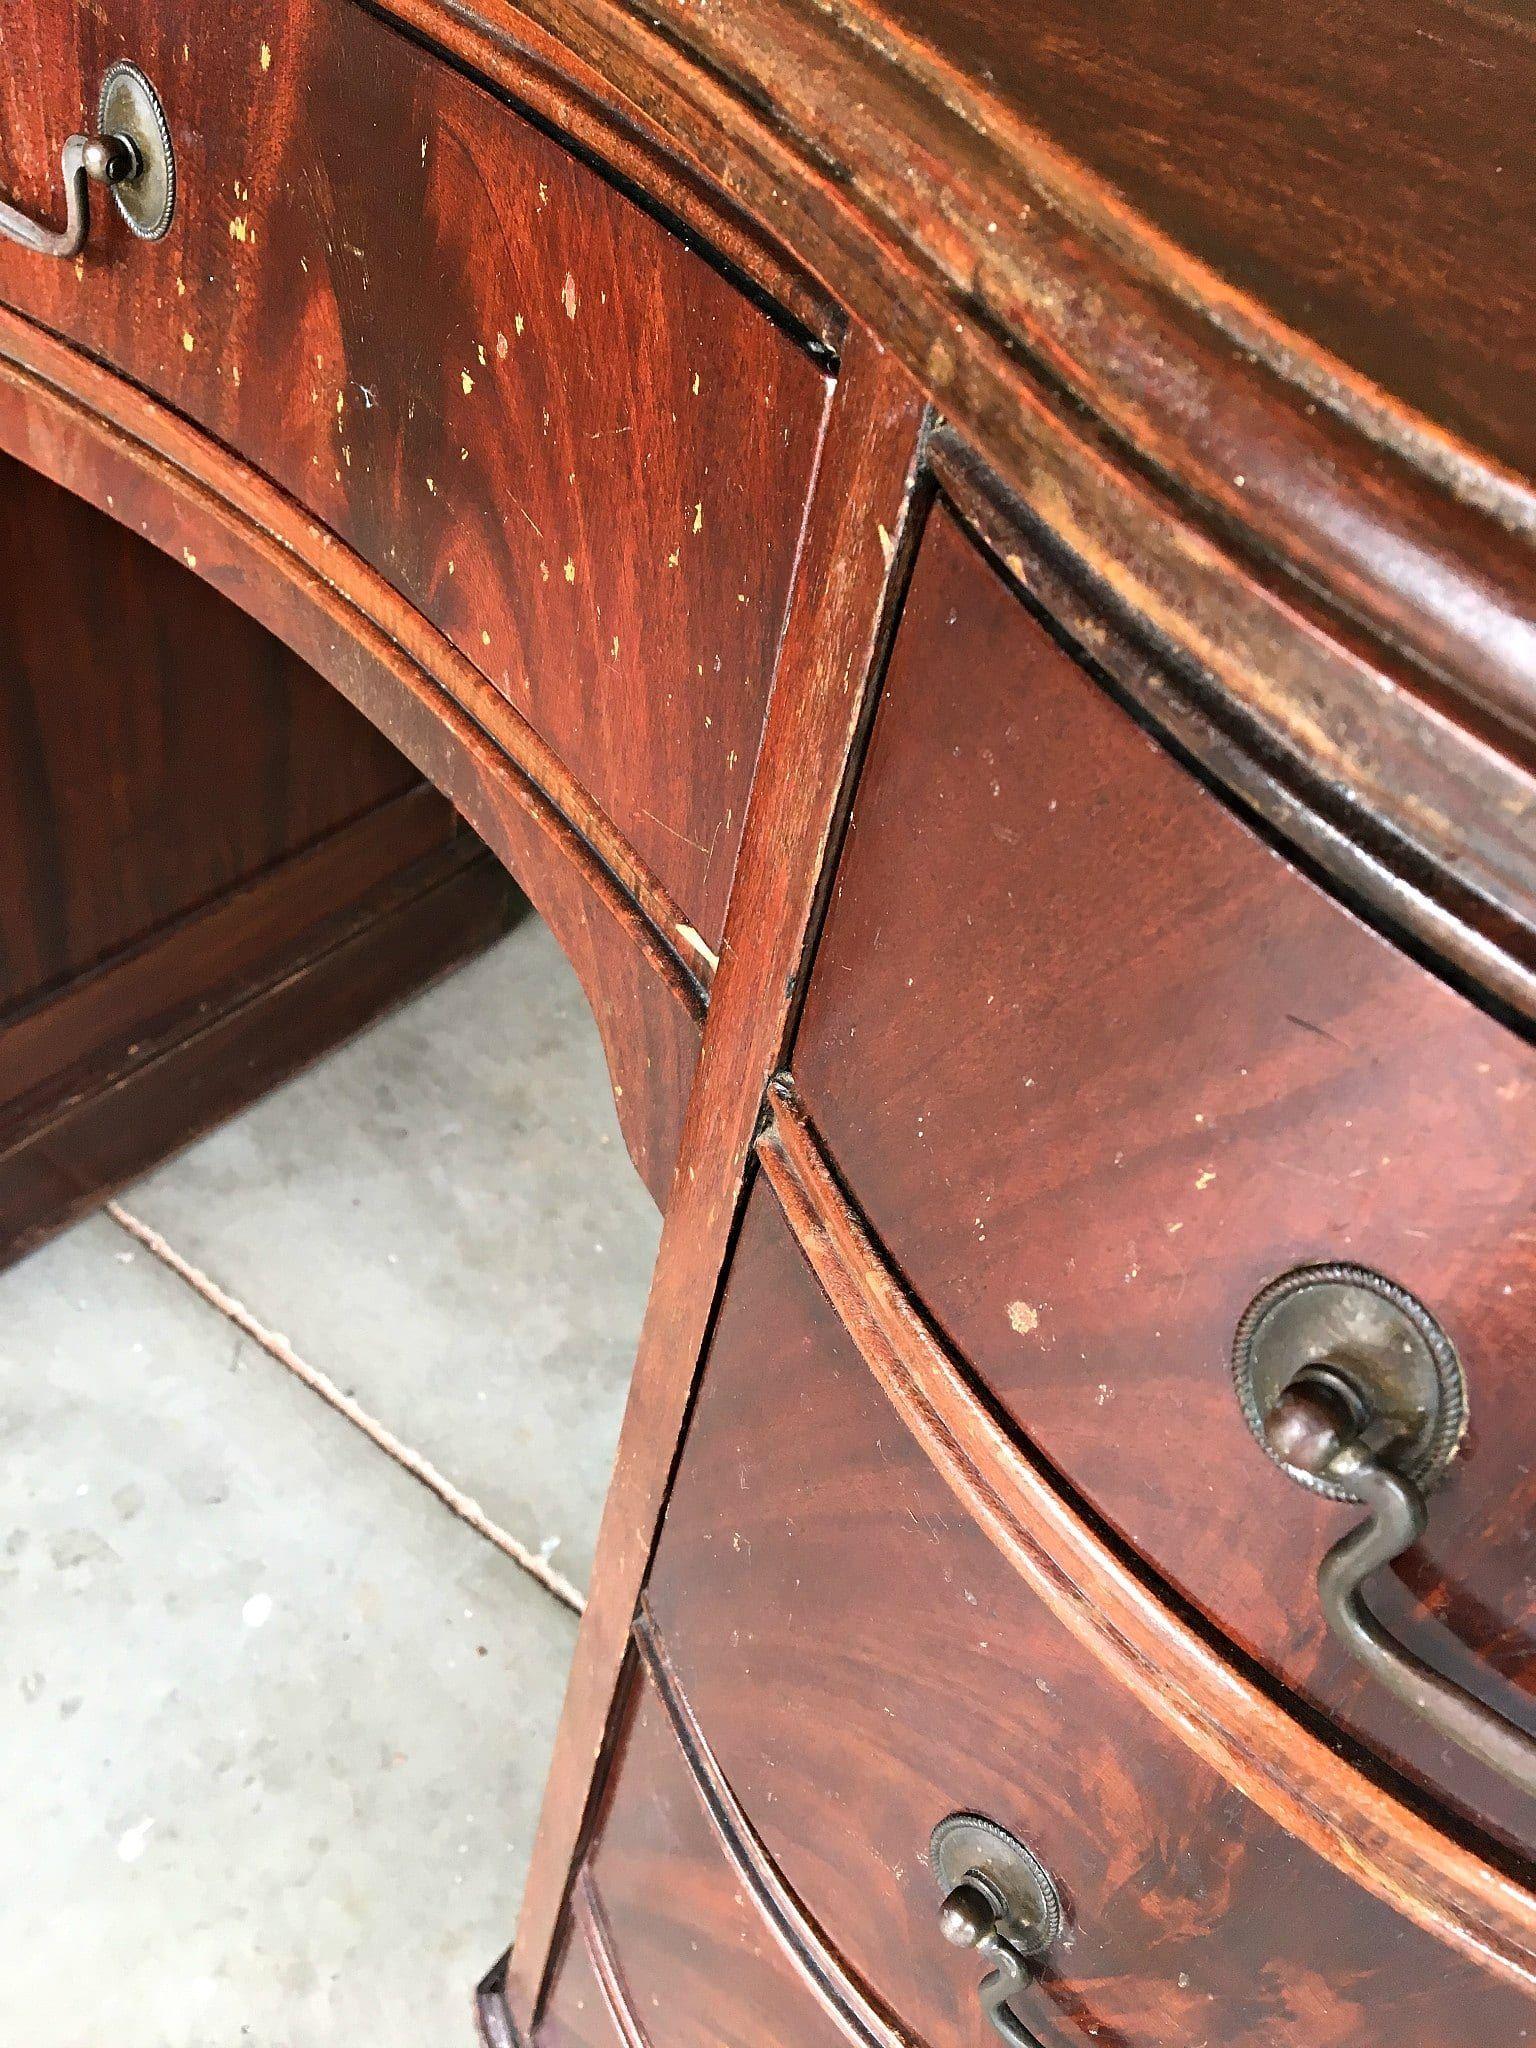 Antique Kidney Desk Makeover - antique decor - #antique #antiquedecor #antiquedesk #antiquetoys #decor #Desk #jewelry #jewelryaccessories #Kidney #Makeover #modernantiquedecor #silver